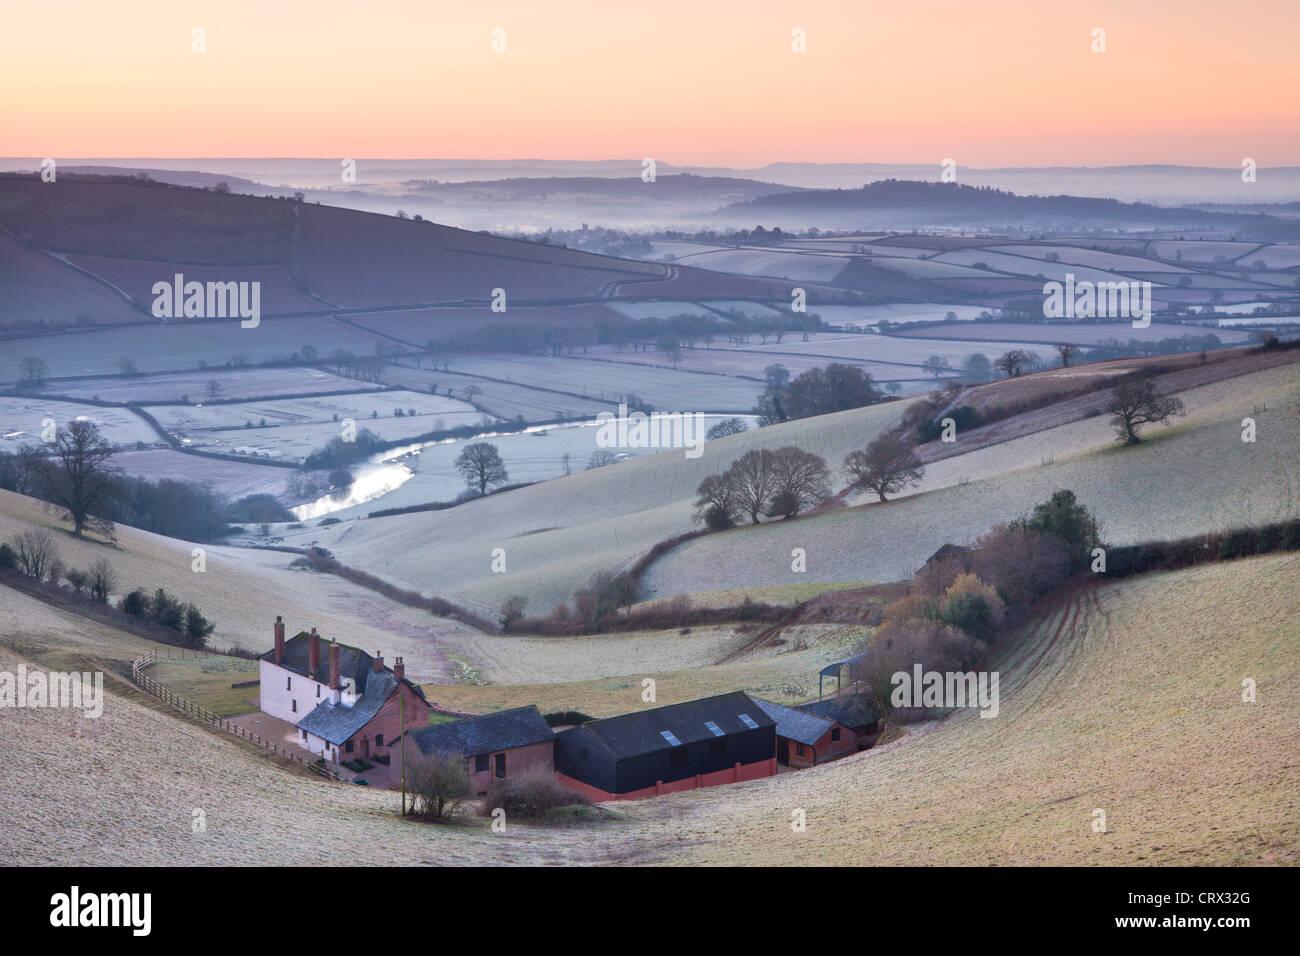 Frost überzogen Landschaft und landwirtschaftlichen Gebäuden bei Sonnenaufgang, Exe Valley, Devon, England. Stockbild